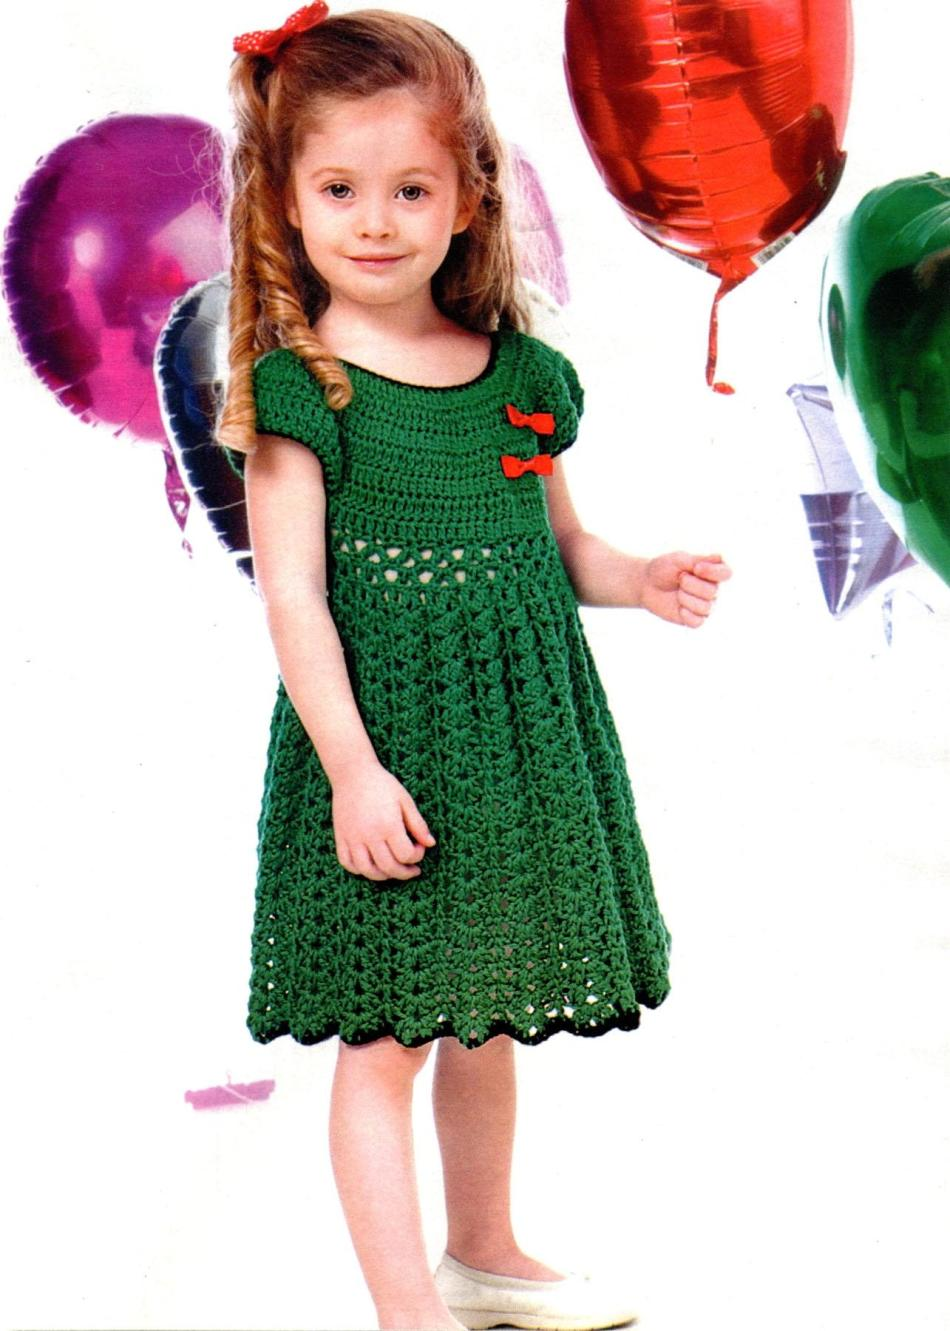 208da0825e0973c5a408e124e9d67f03 Вязаное платье для девочки 2 года: схемы